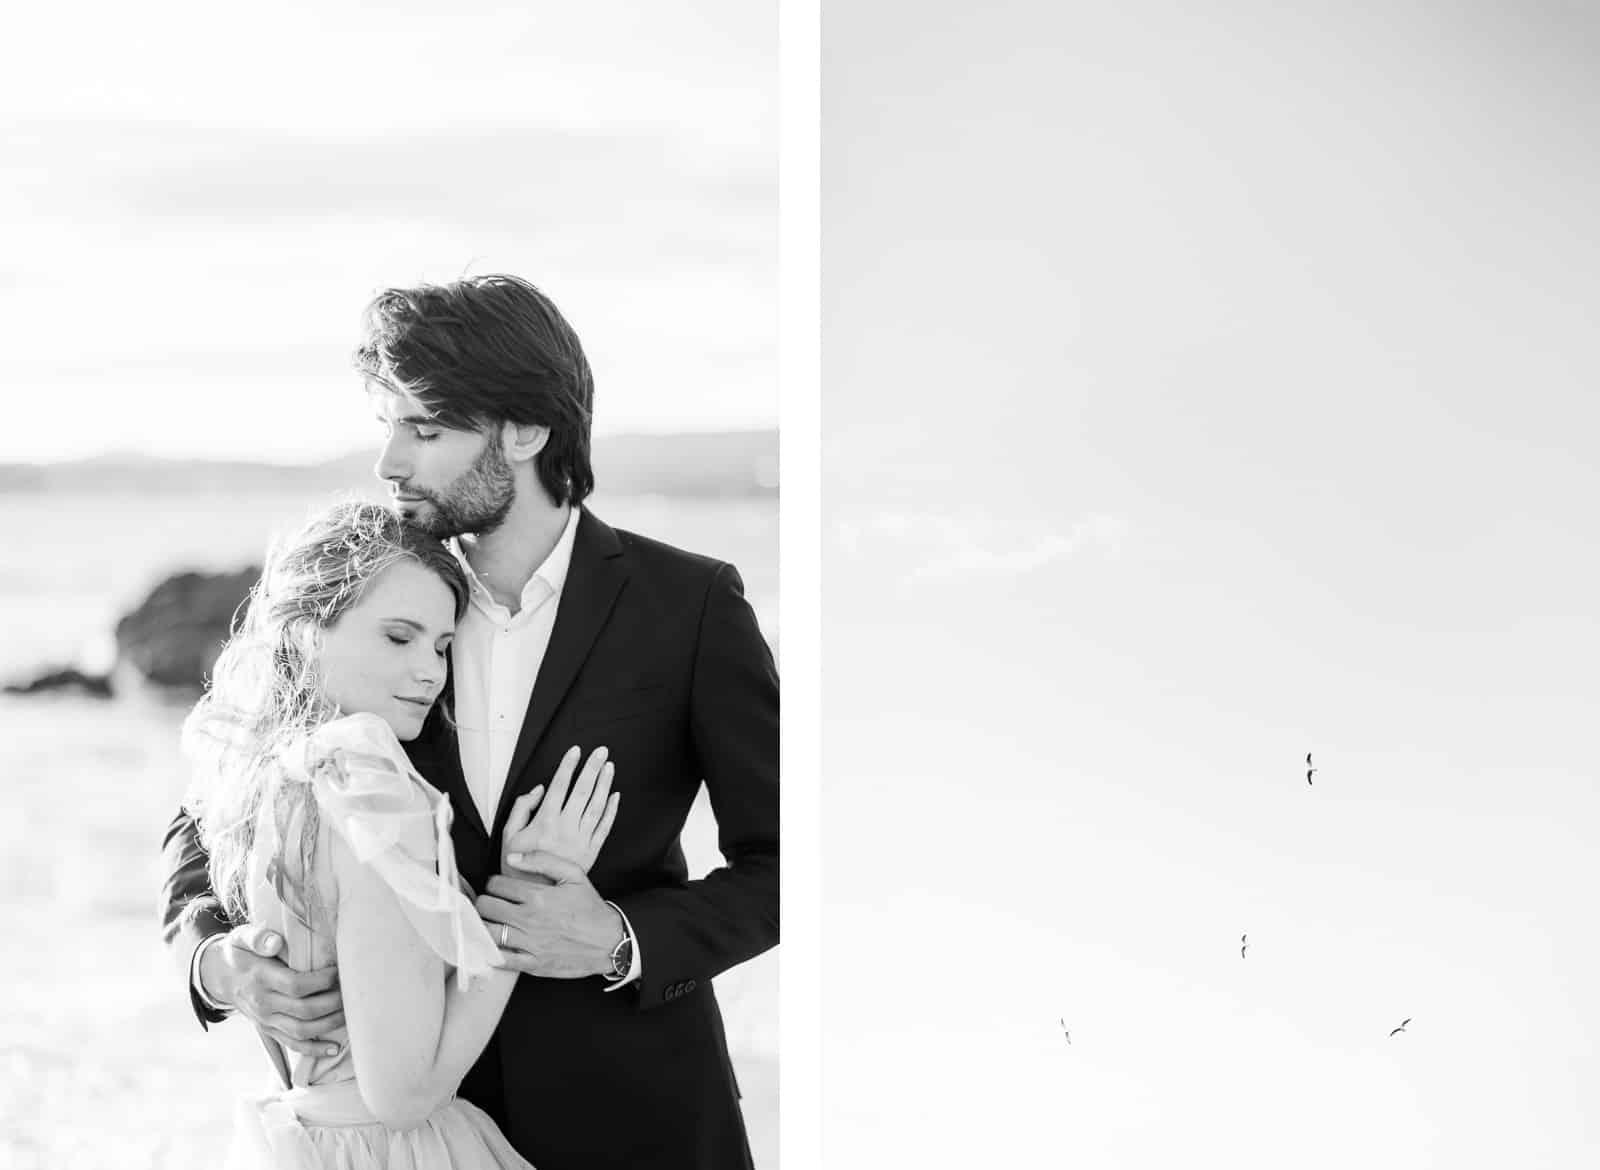 Photographie de Mathieu Dété, photographe de mariage sur l'île de la Réunion (974), présentant un couple amoureux en noir et blanc en bord de mer